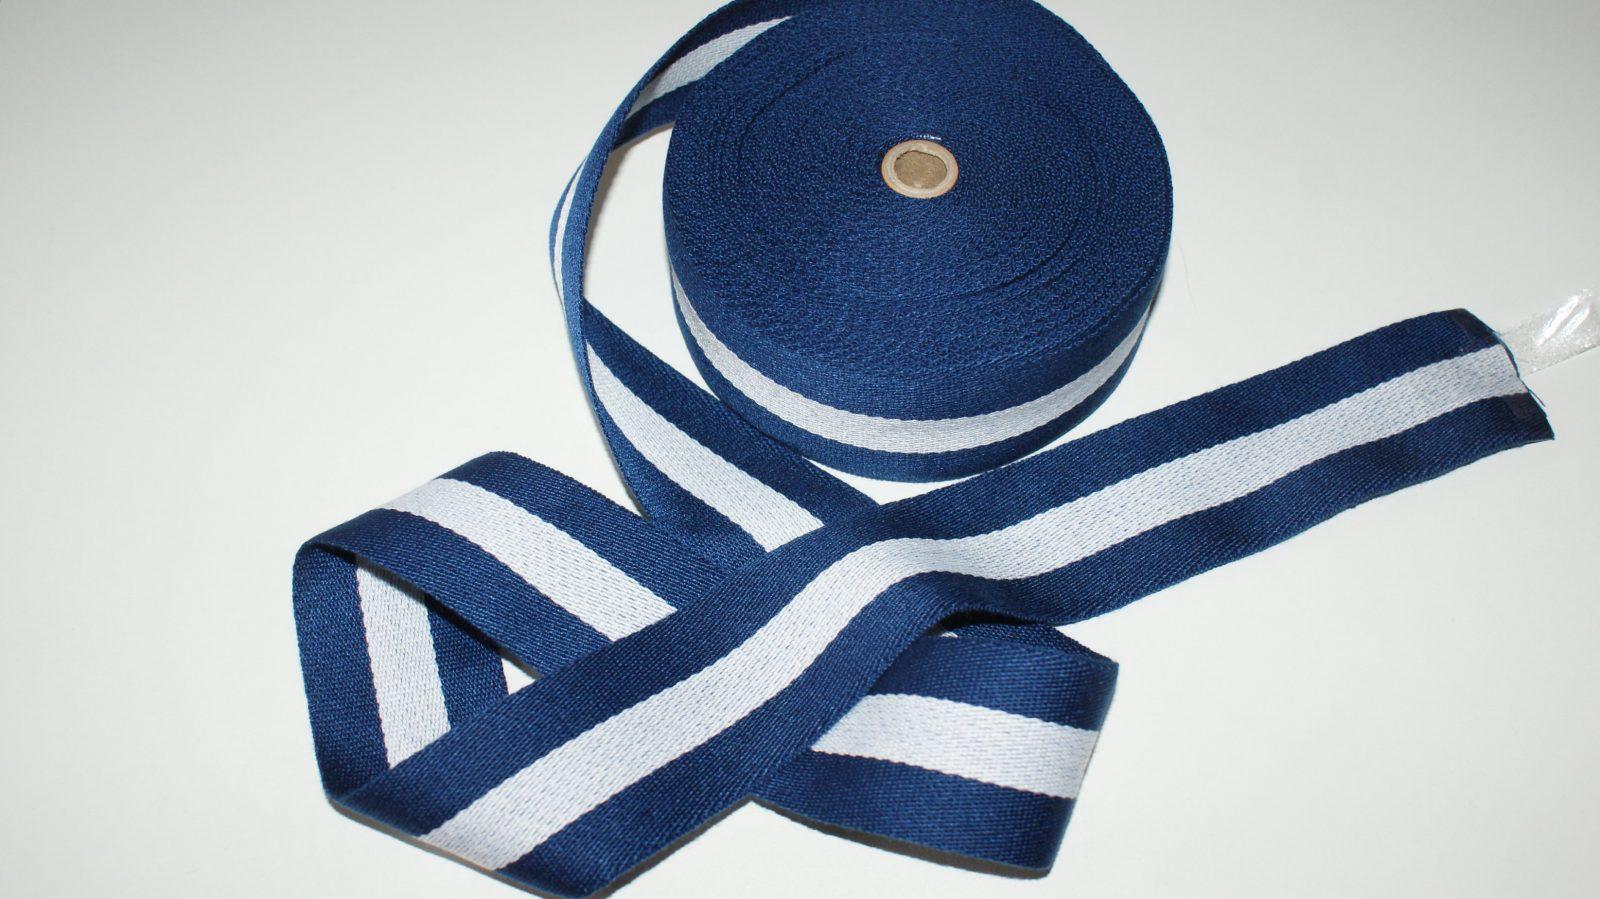 Gurtband  Streifengurtband  Baumwolle  4Cm  Blauweiß  Ein von Fc Bayern Stoff Zum Nähen Bild